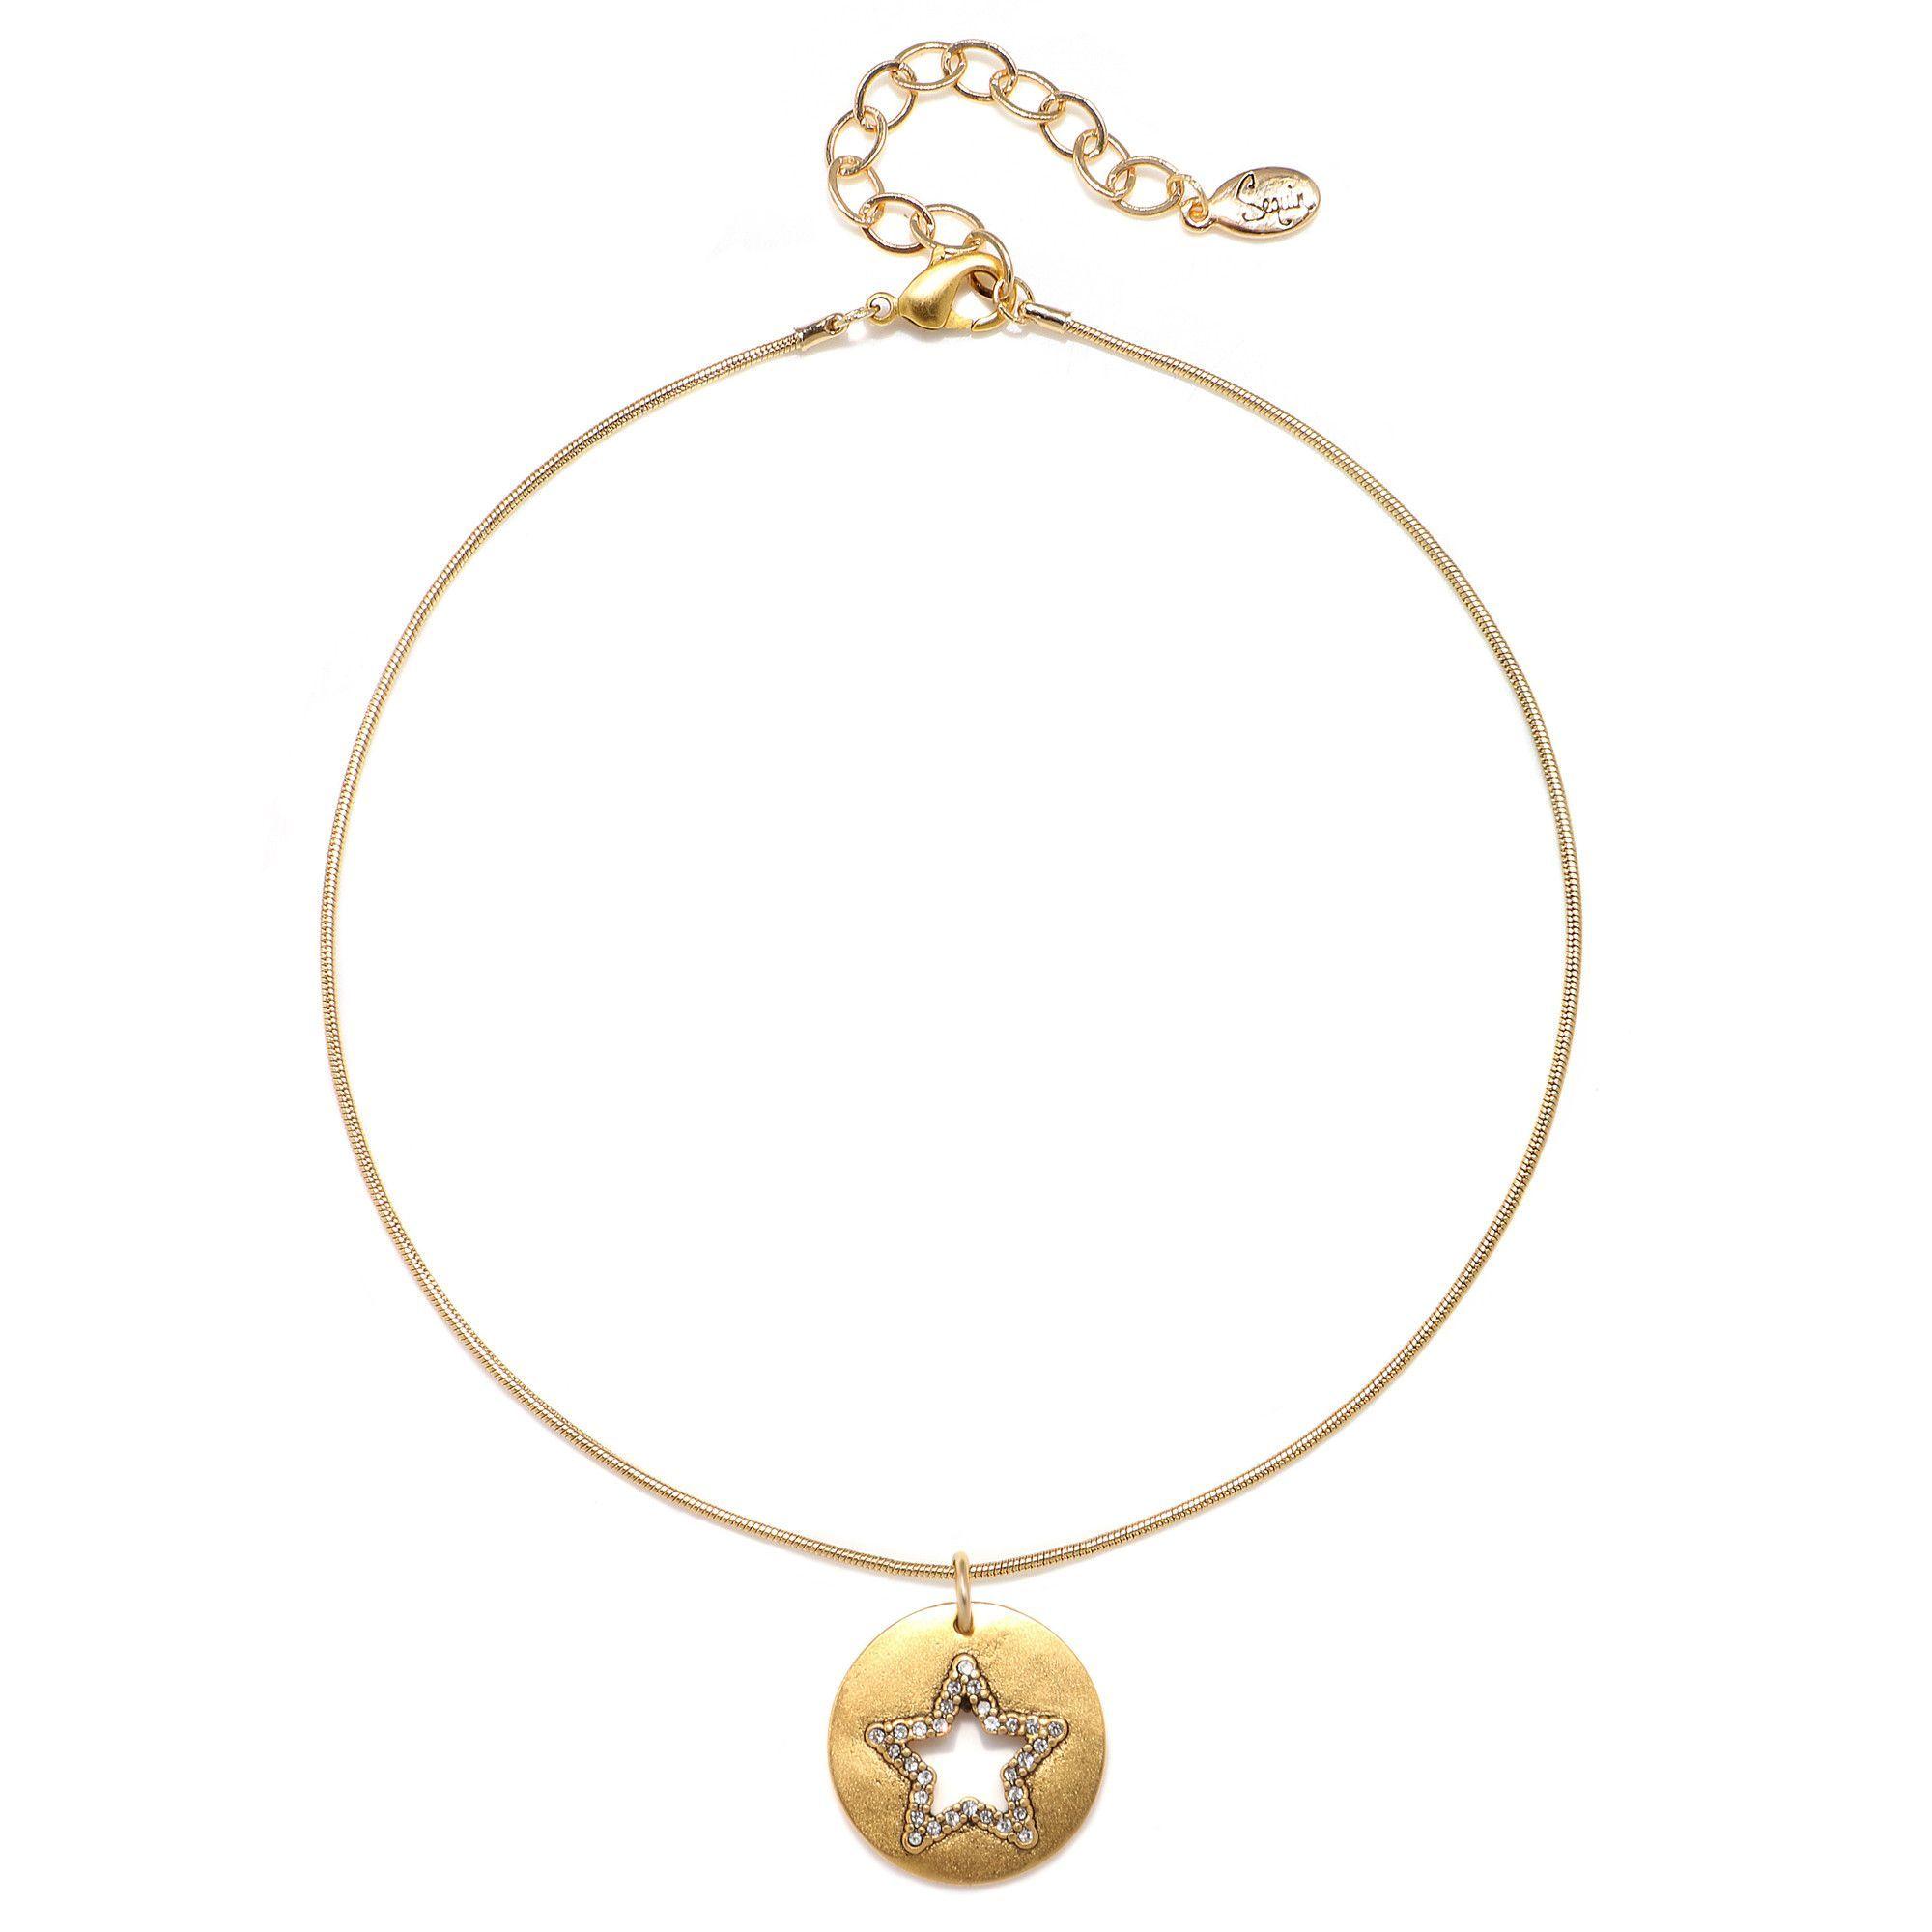 Cutout Pave Star Talisman Choker Necklace - Snake Chain